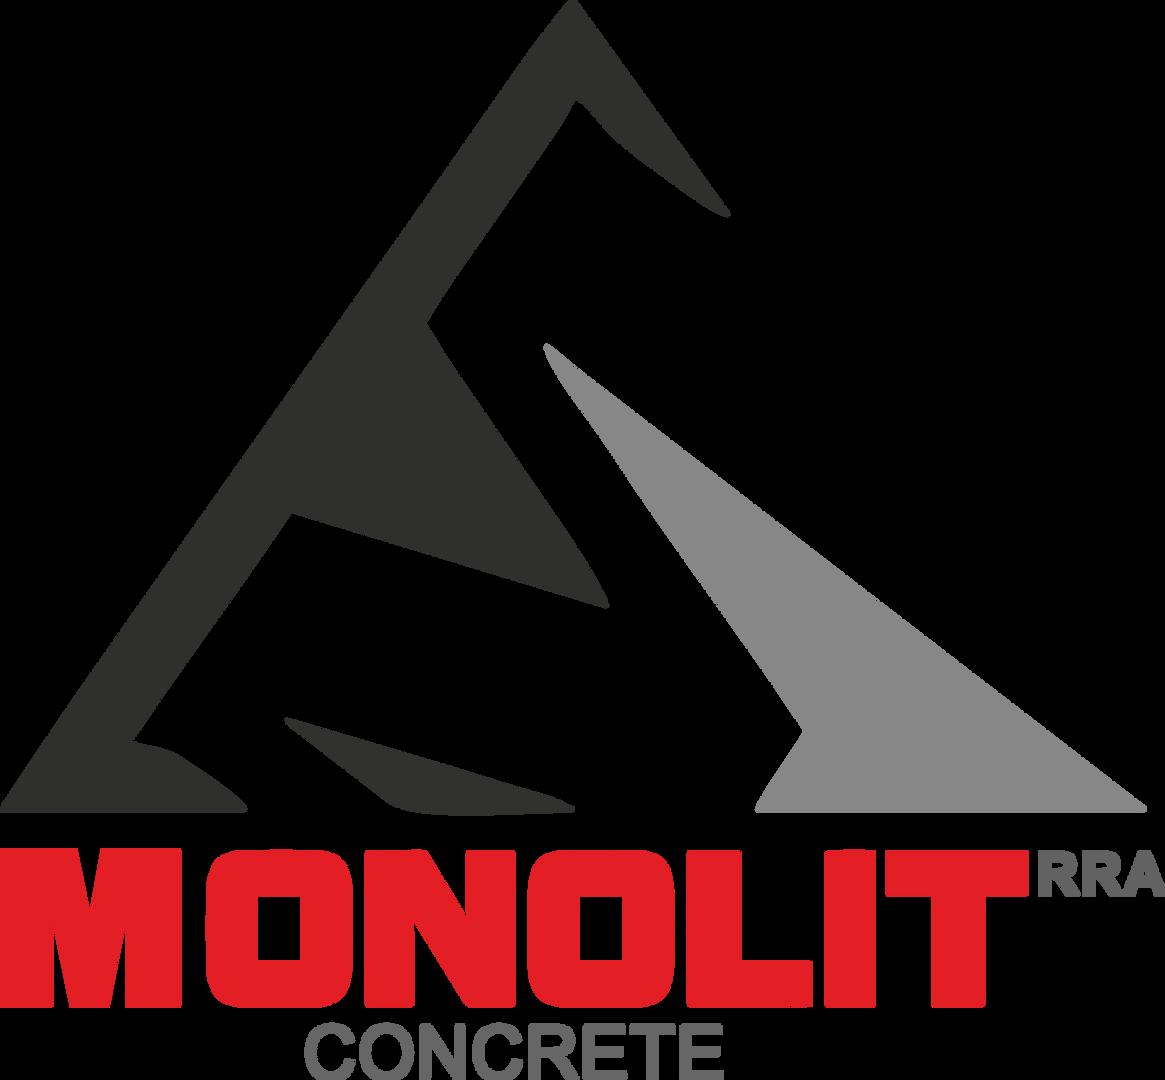 ООО «Монолит - РРА» - производство и реализация бетона